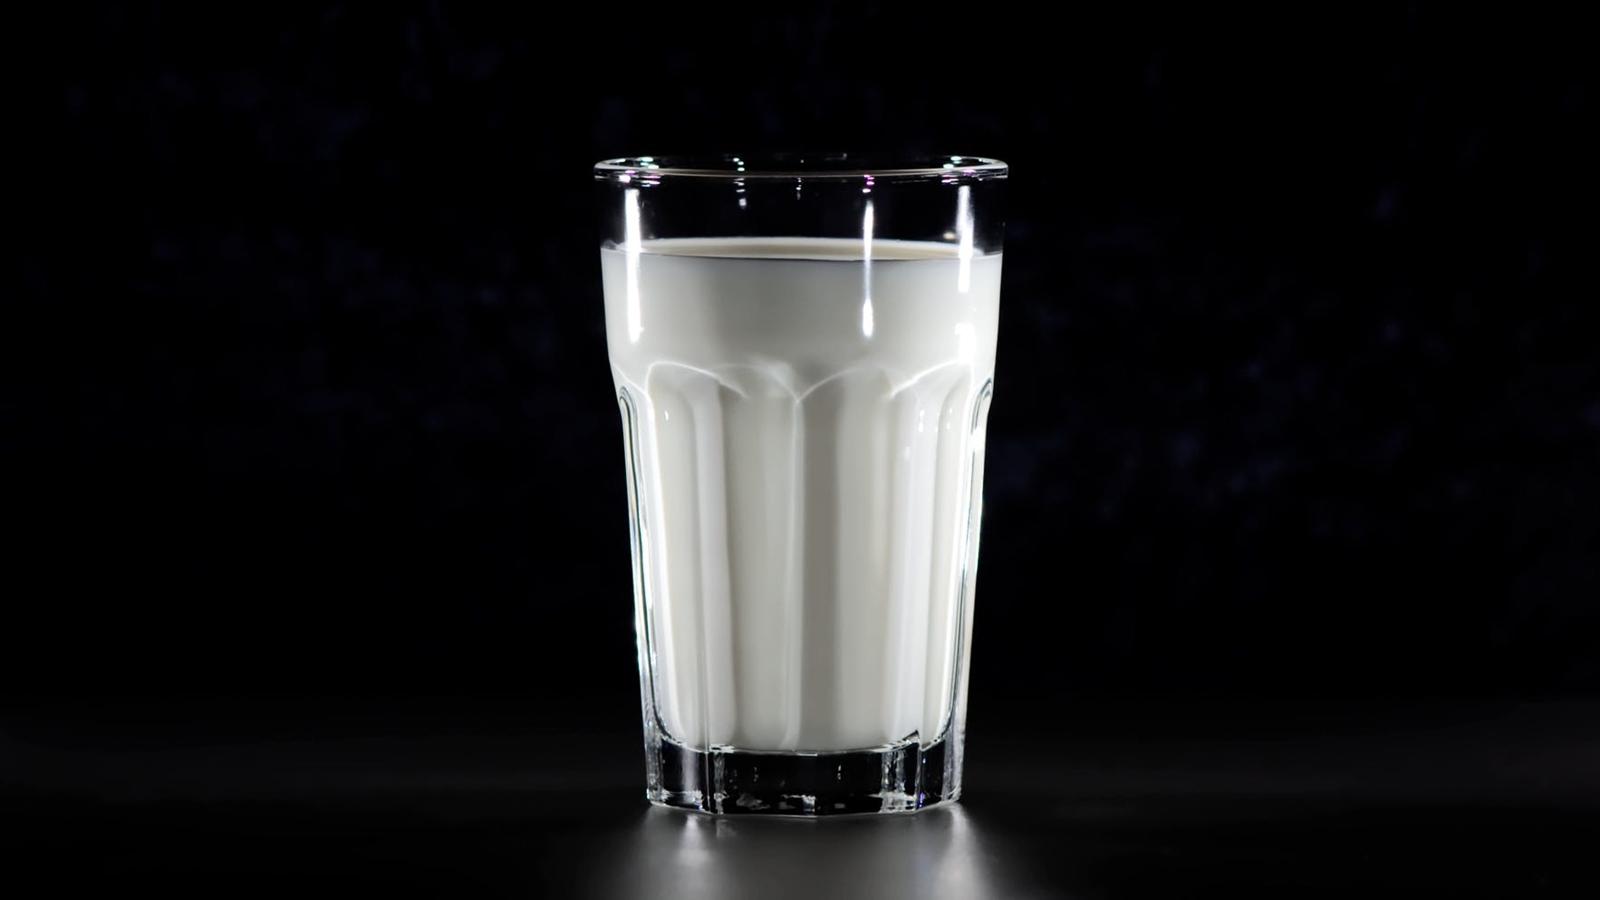 Productores de leche prevén caída de 15% en consumo; piden ayuda del gobierno